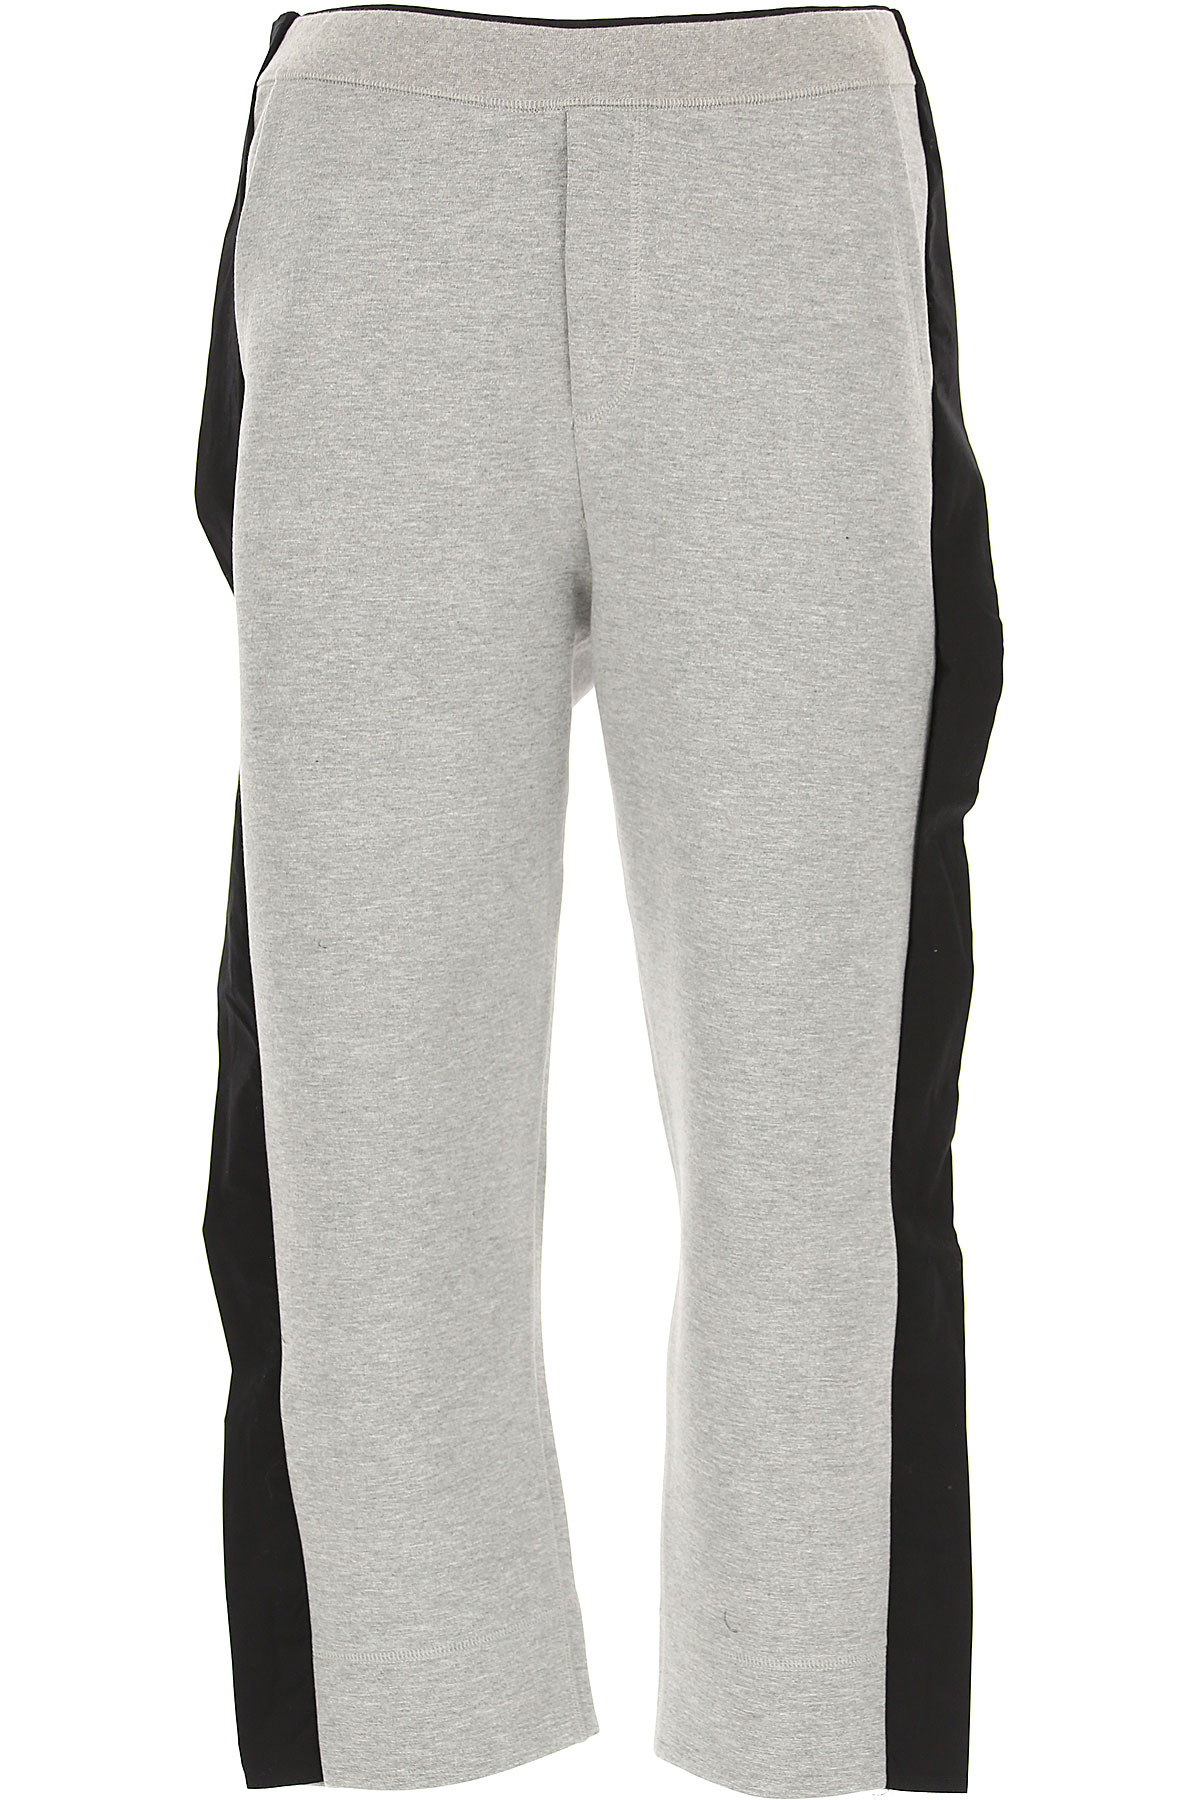 Craig Green Pants for Men On Sale in Outlet, Melange Grey, viscosa, 2019, L M S